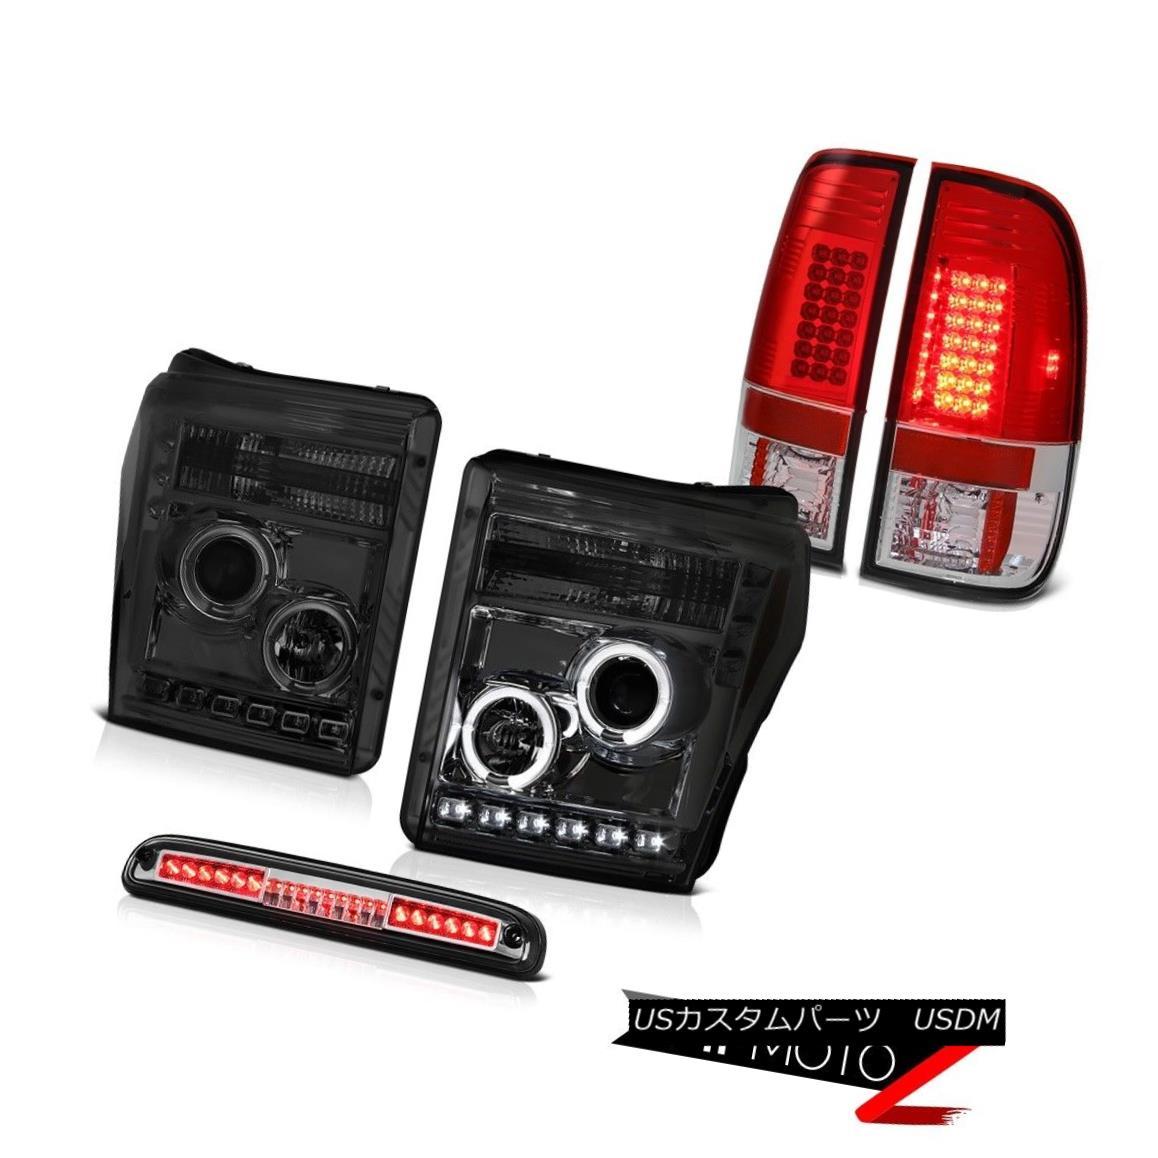 テールライト 11-16 F350 Xlt Chrome High Stop Light Wine Red Taillamps Phantom Smoke Headlamps 11-16 F350 Xltクロームハイストップライトワインレッドタイルランプファントムスモークヘッドランプ